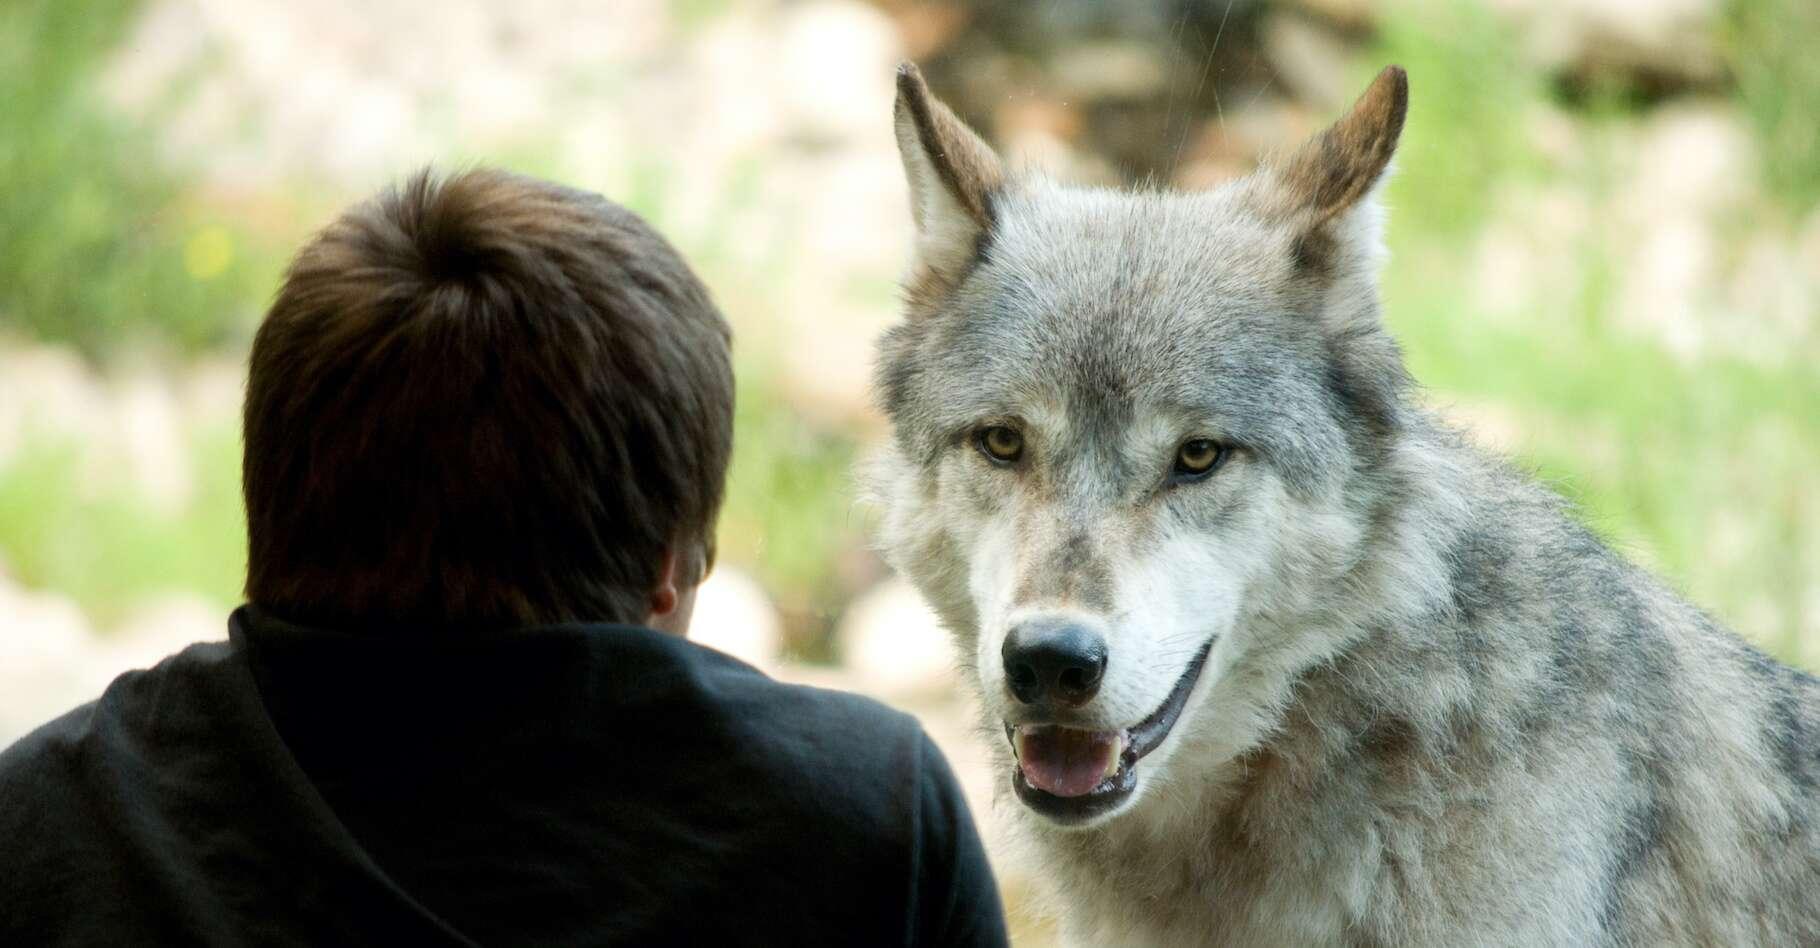 Les chercheurs de l'Eötvös Lorand University (Hongrie) affirment que, sans le processus intense de sociabilisation aux Hommes vécu par les loups qu'ils ont testés, ces derniers n'auraient pas montré de signe d'attachement. Ces travaux ne signifient pas que le loup puisse devenir un animal de compagnie. © Heesen Images, Adobe Stock